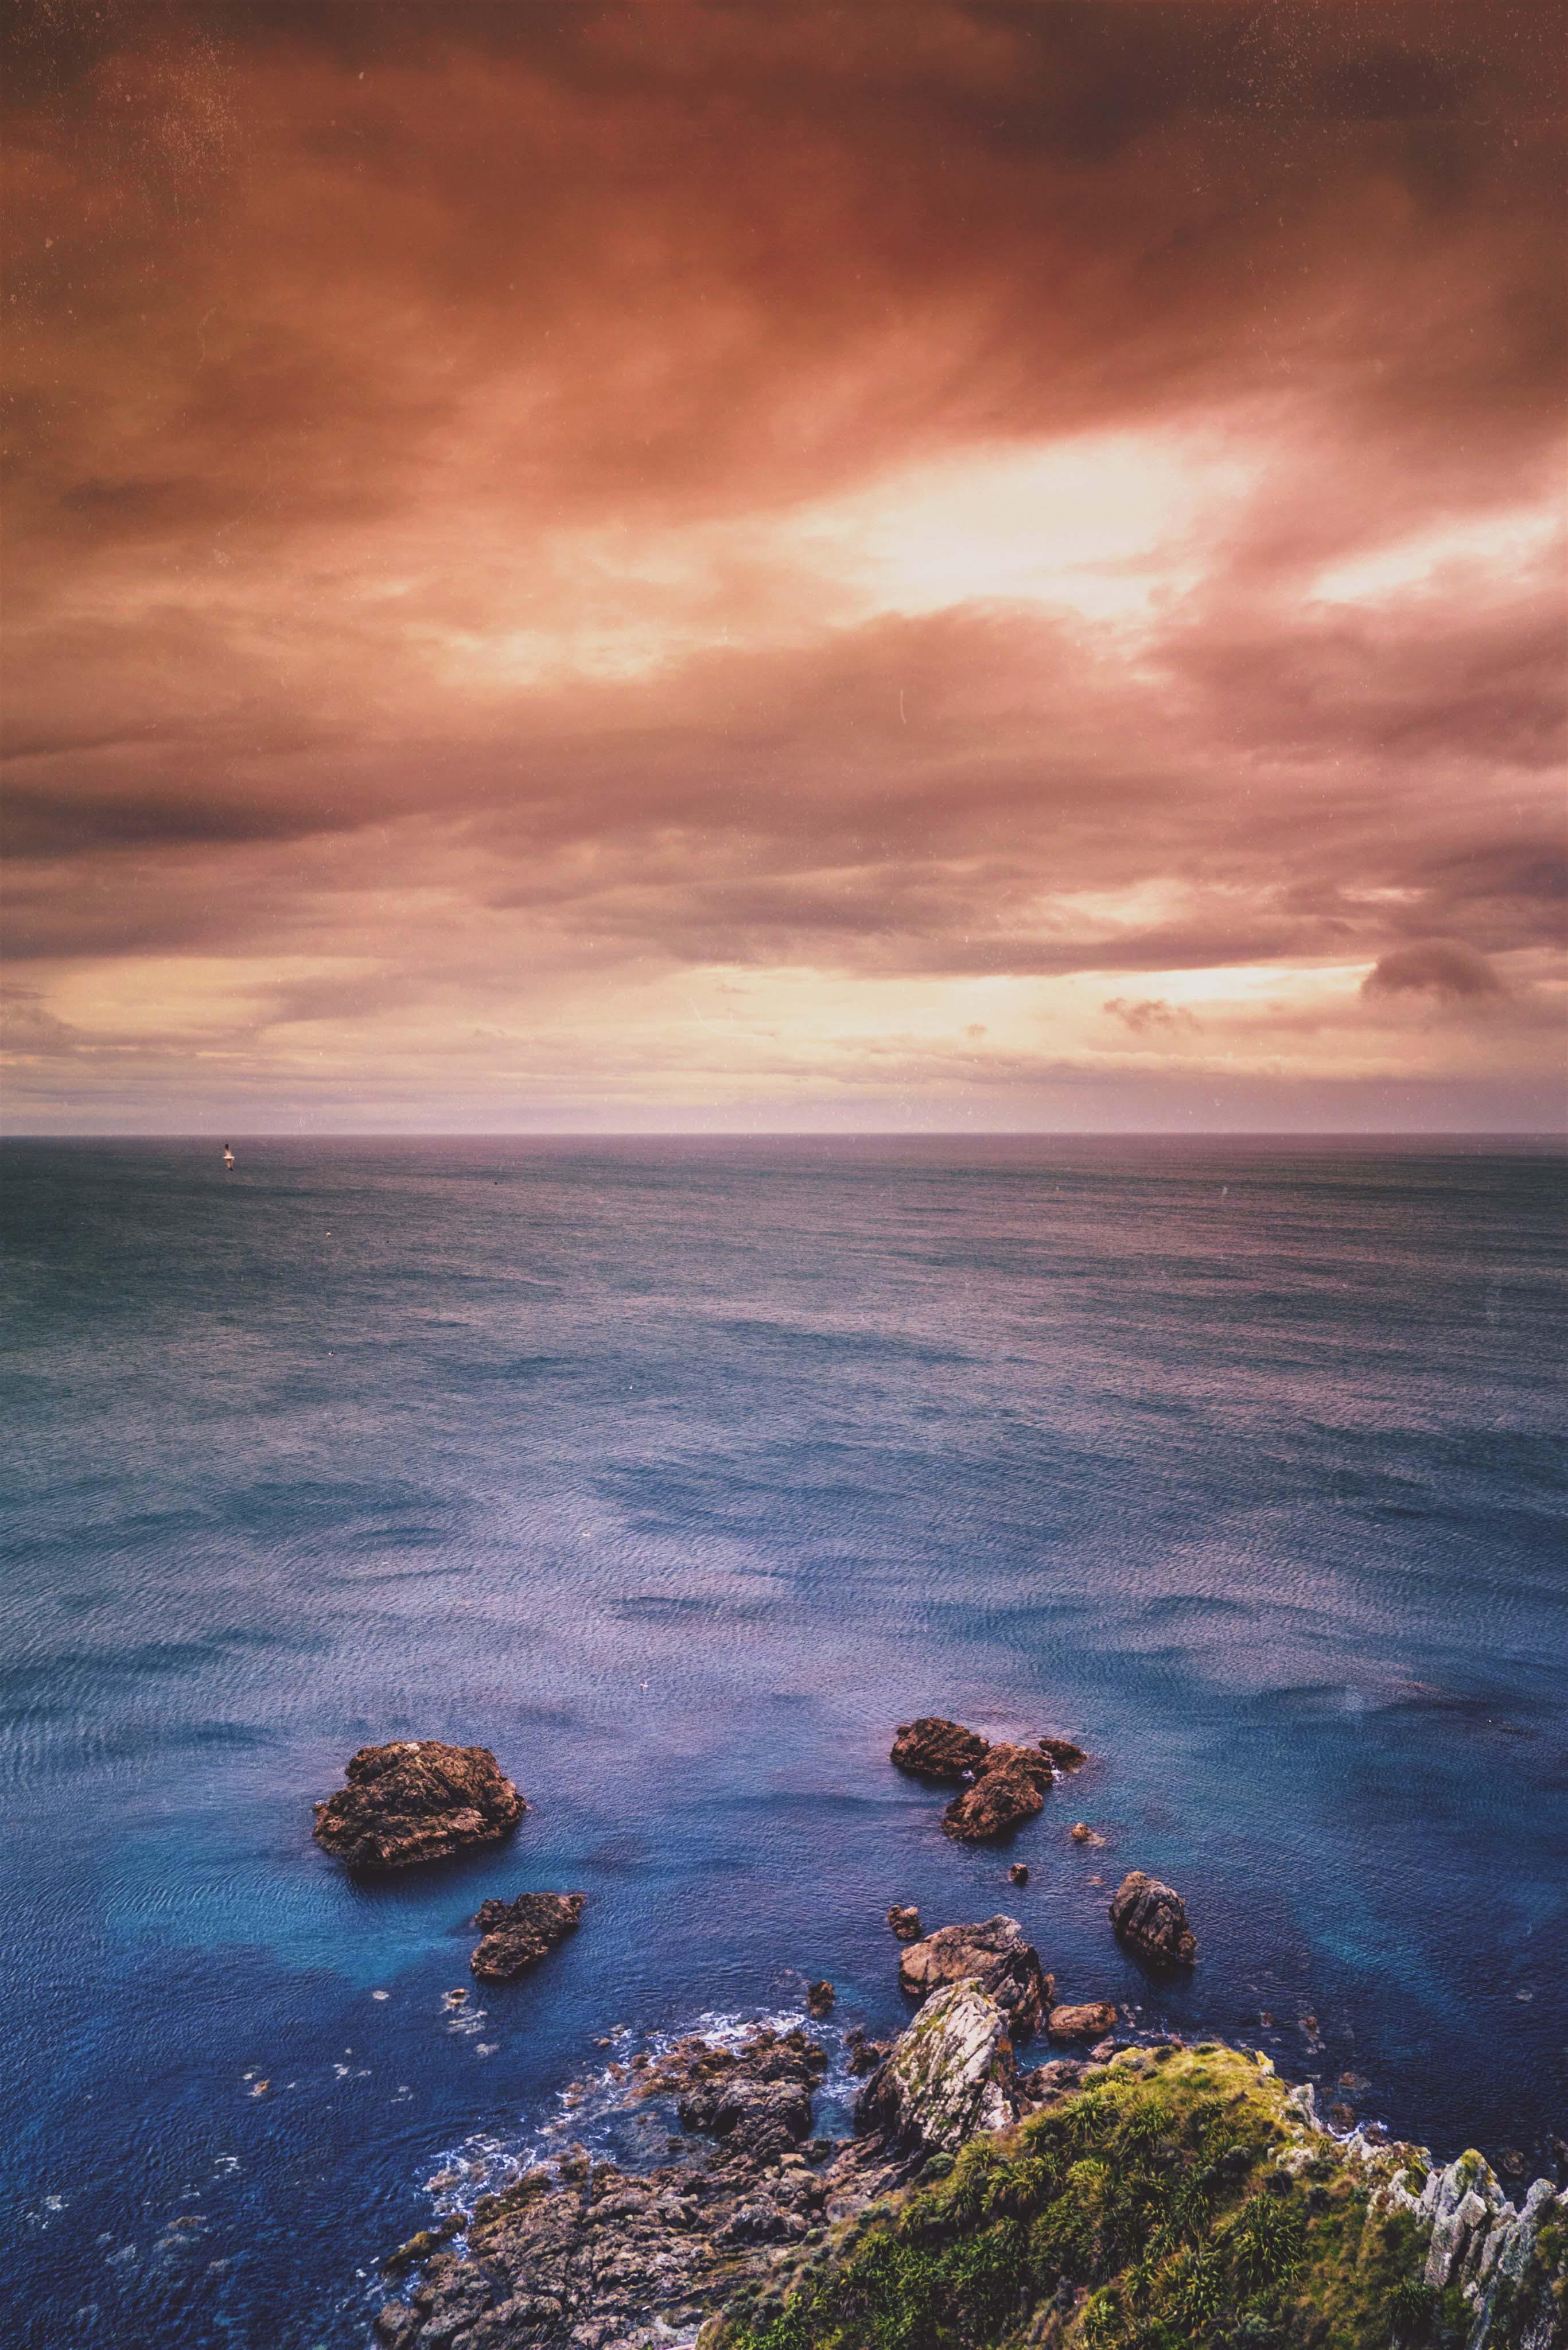 경치, 구름, 돌, 물의 무료 스톡 사진